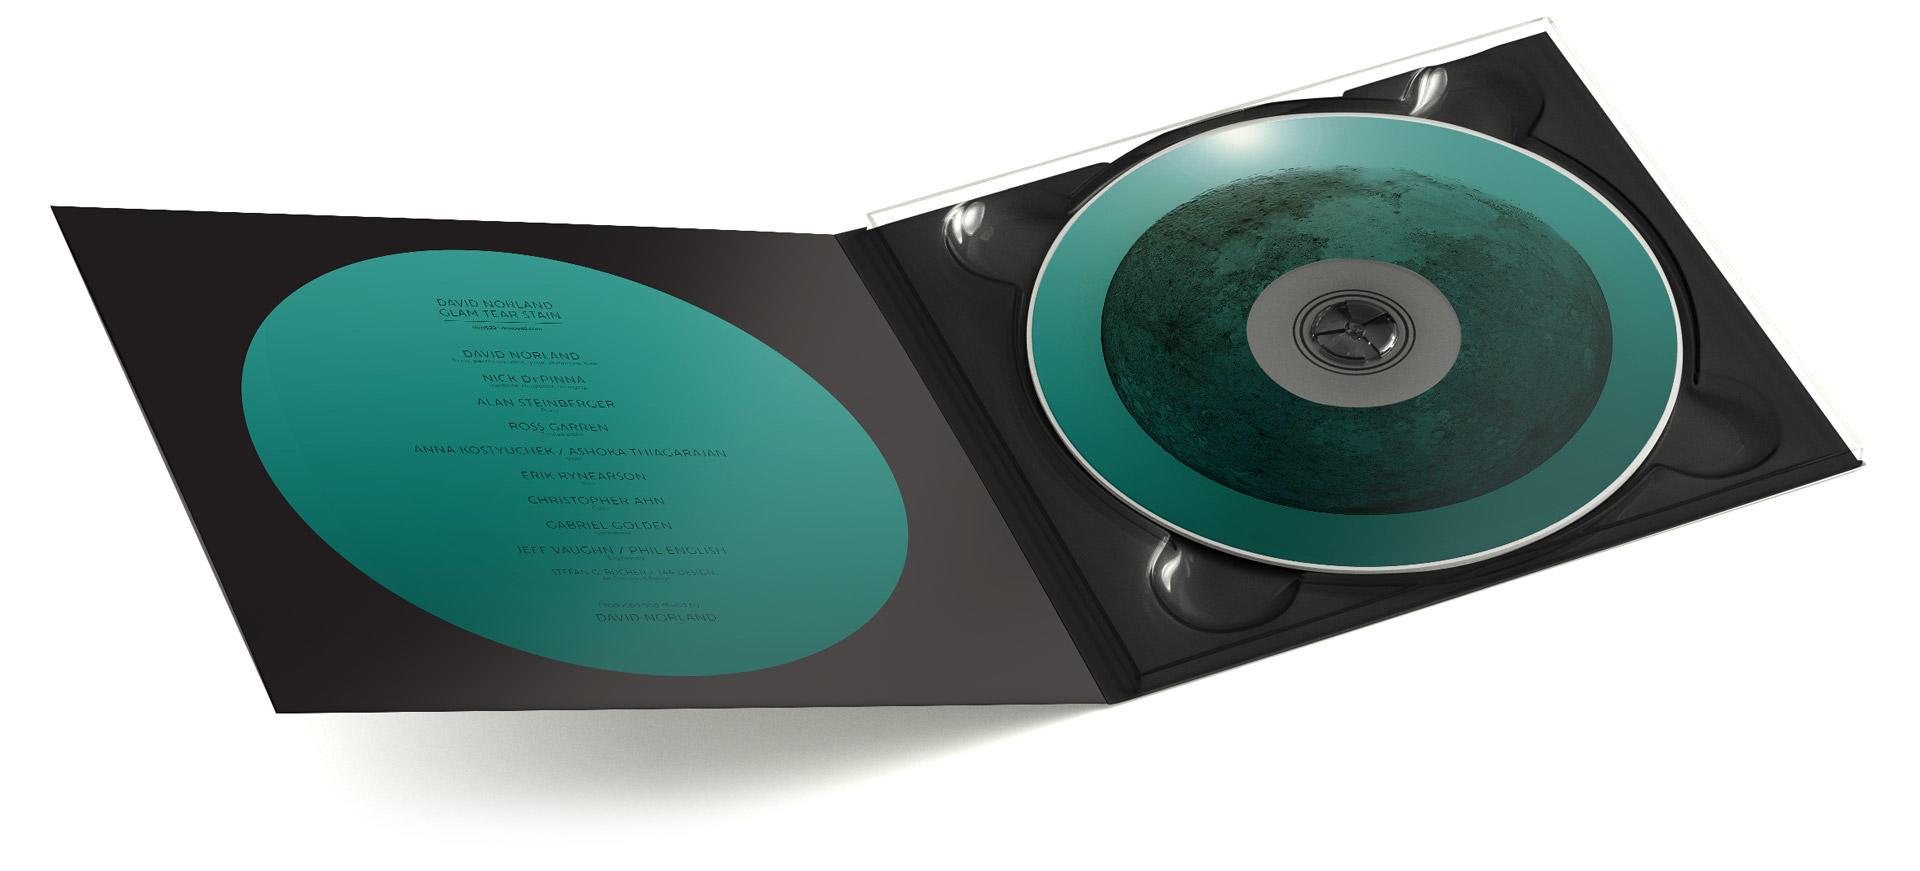 norland-CD-digipak-open@2x.jpg